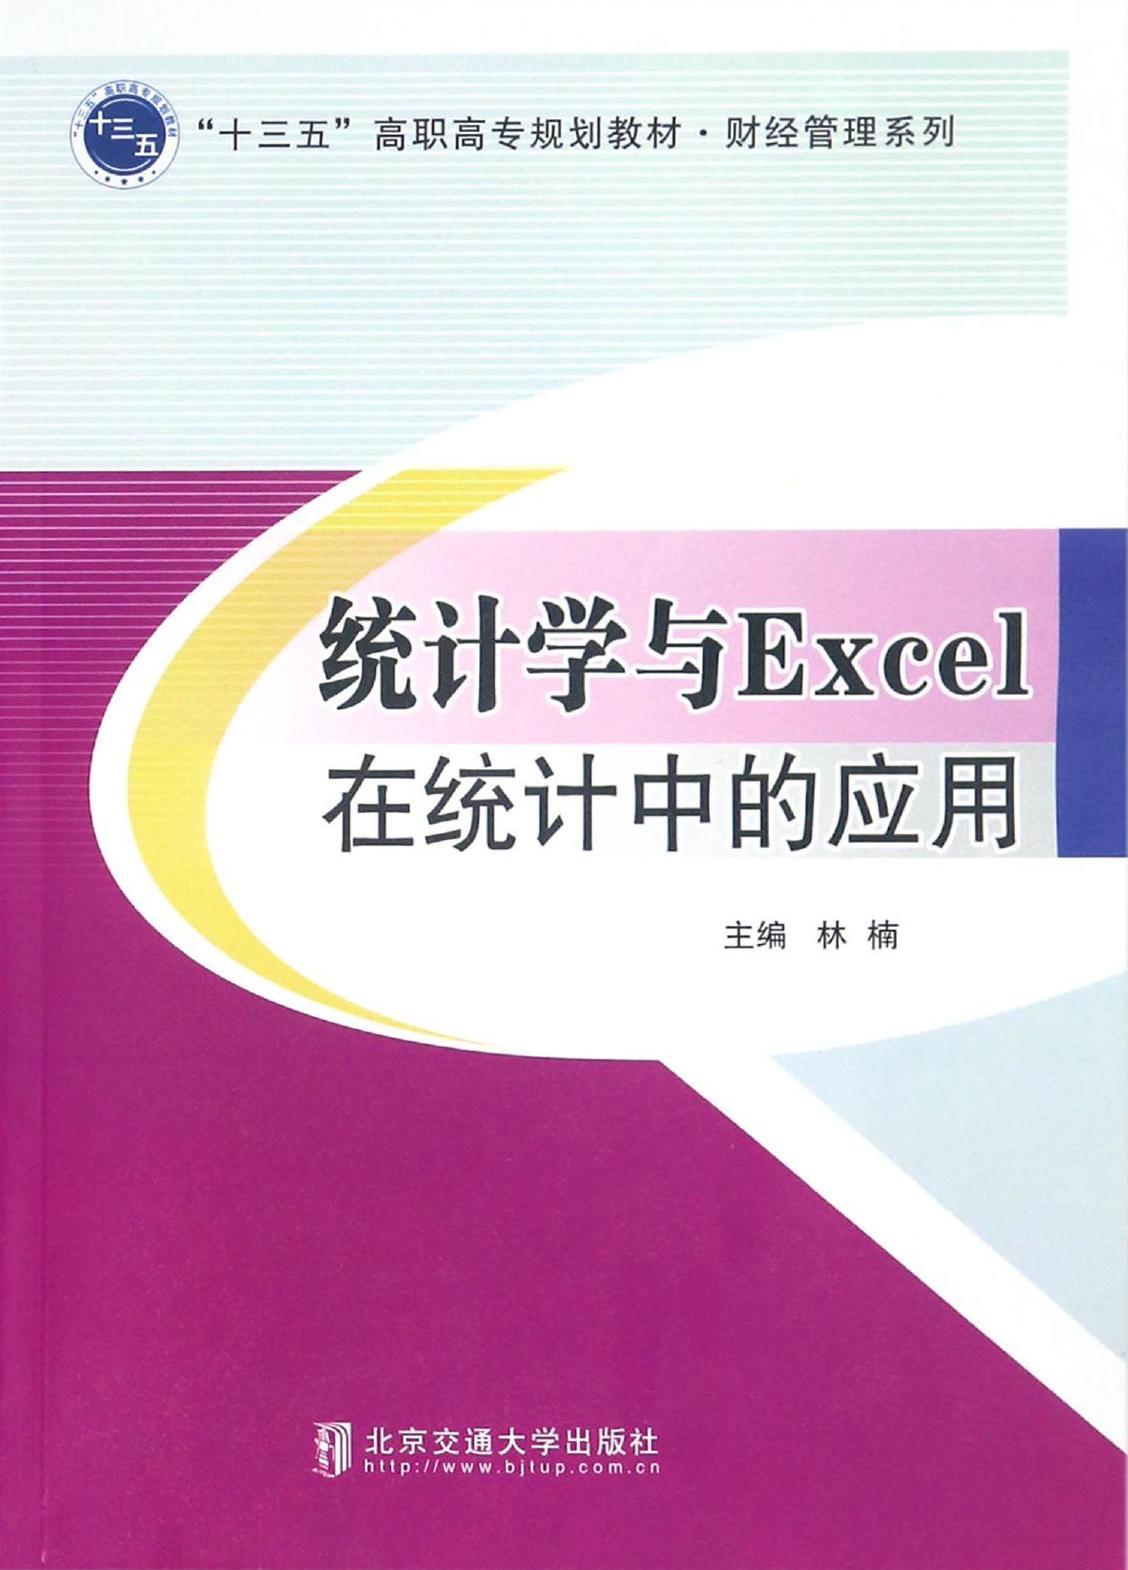 统计学与Excel在统计中的应用